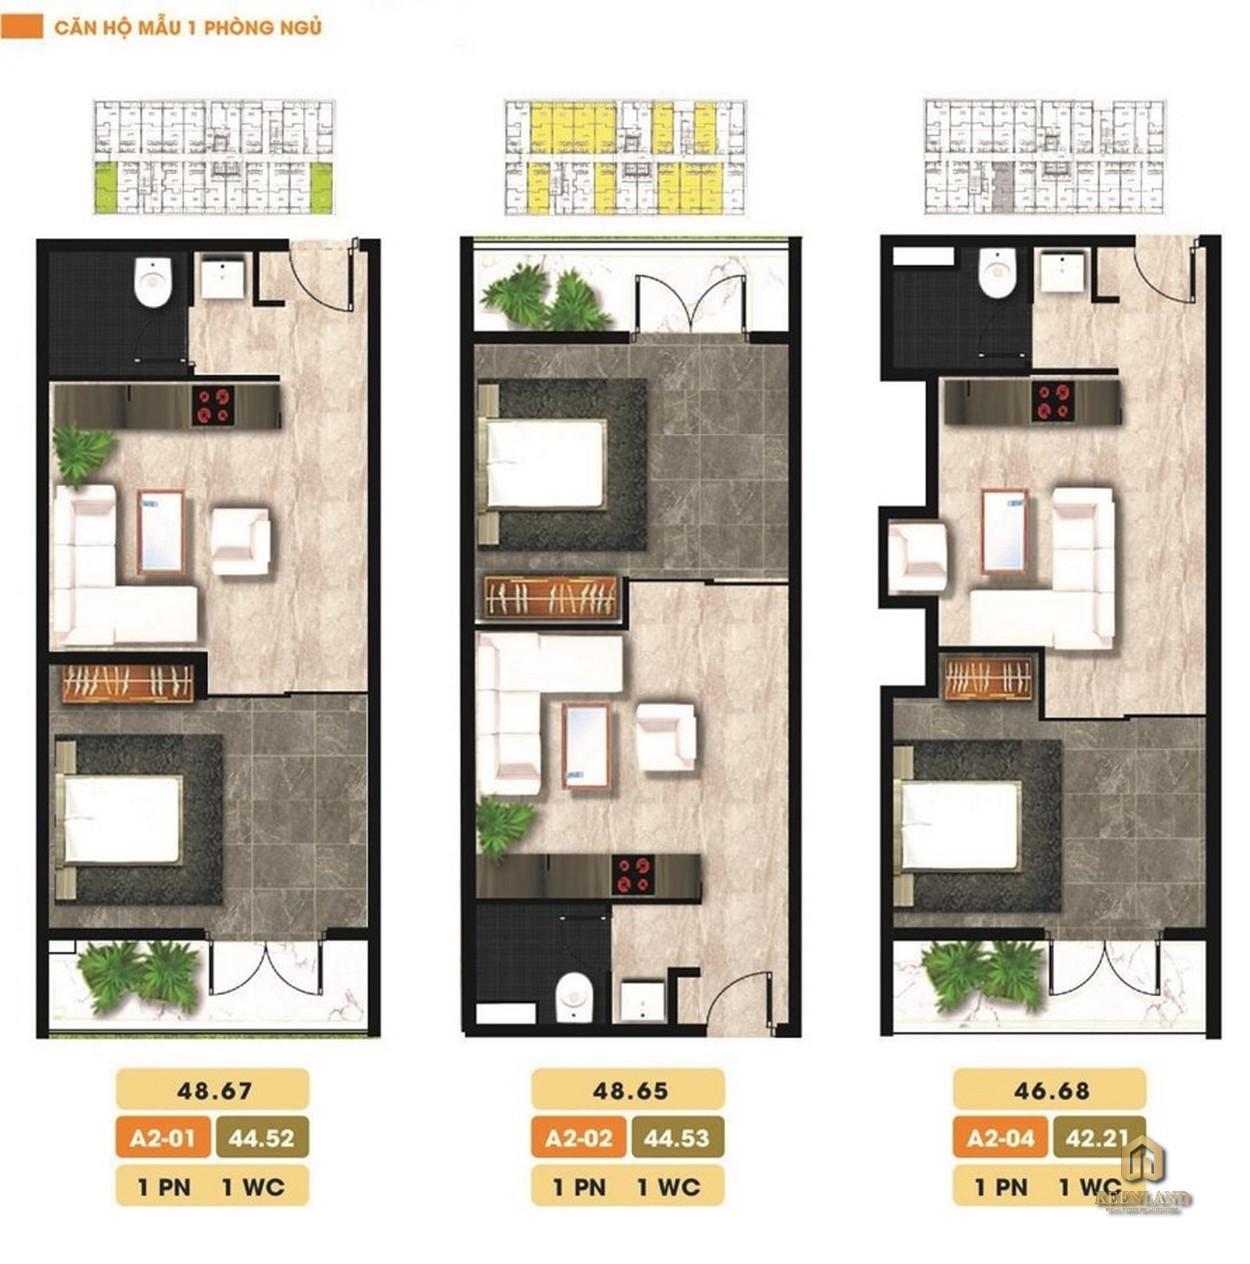 Thiết kế căn hộ điển hình dự án The Western Capital